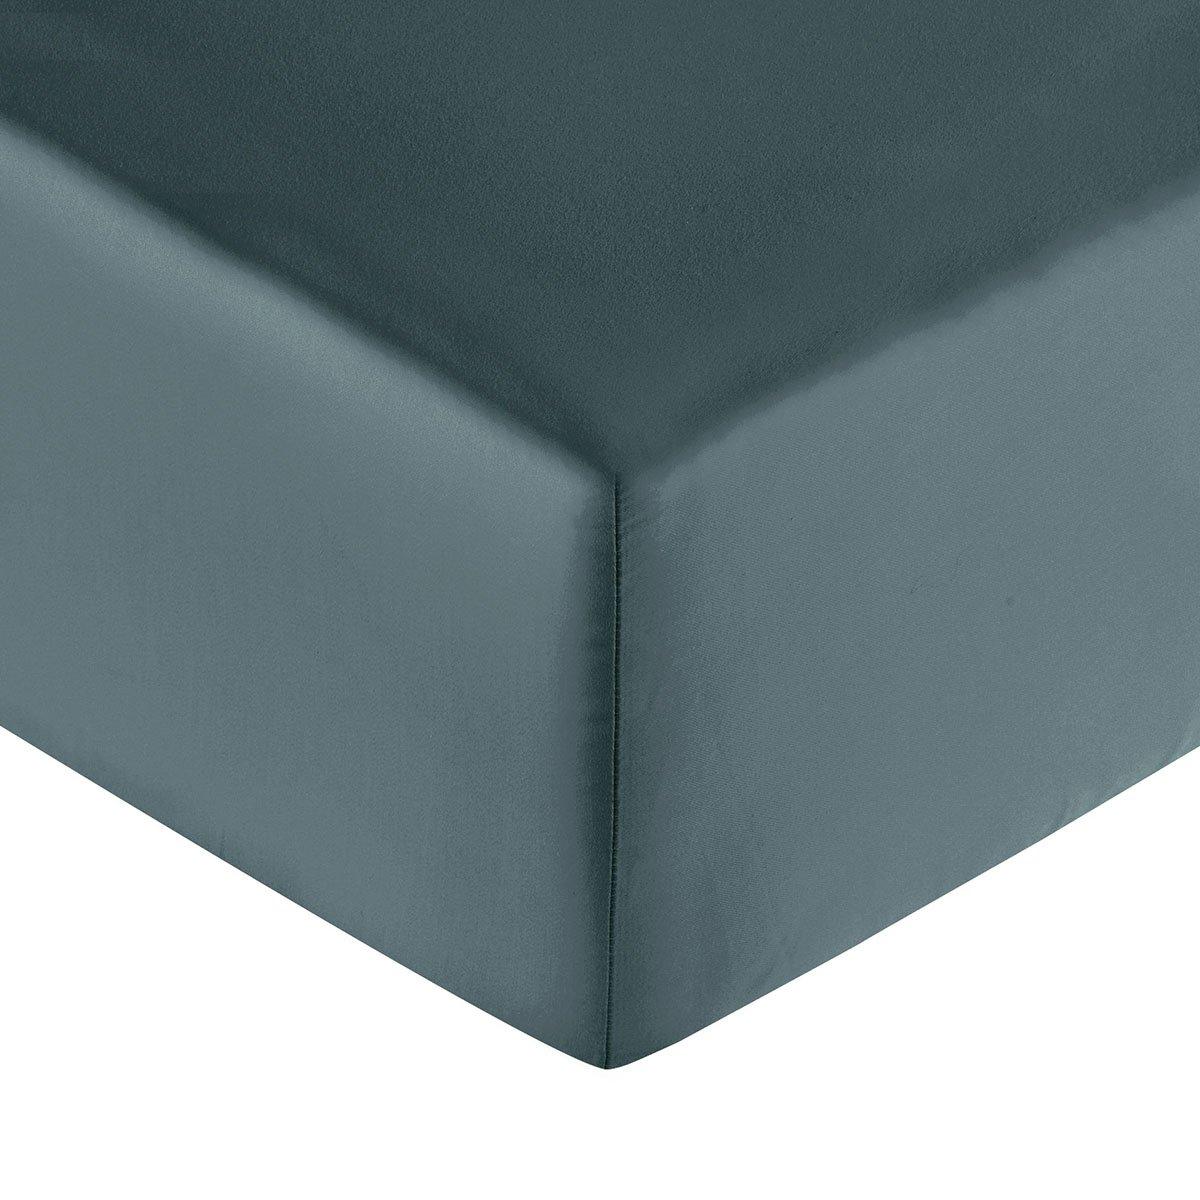 Drap housse coton 140x190 cm minéral